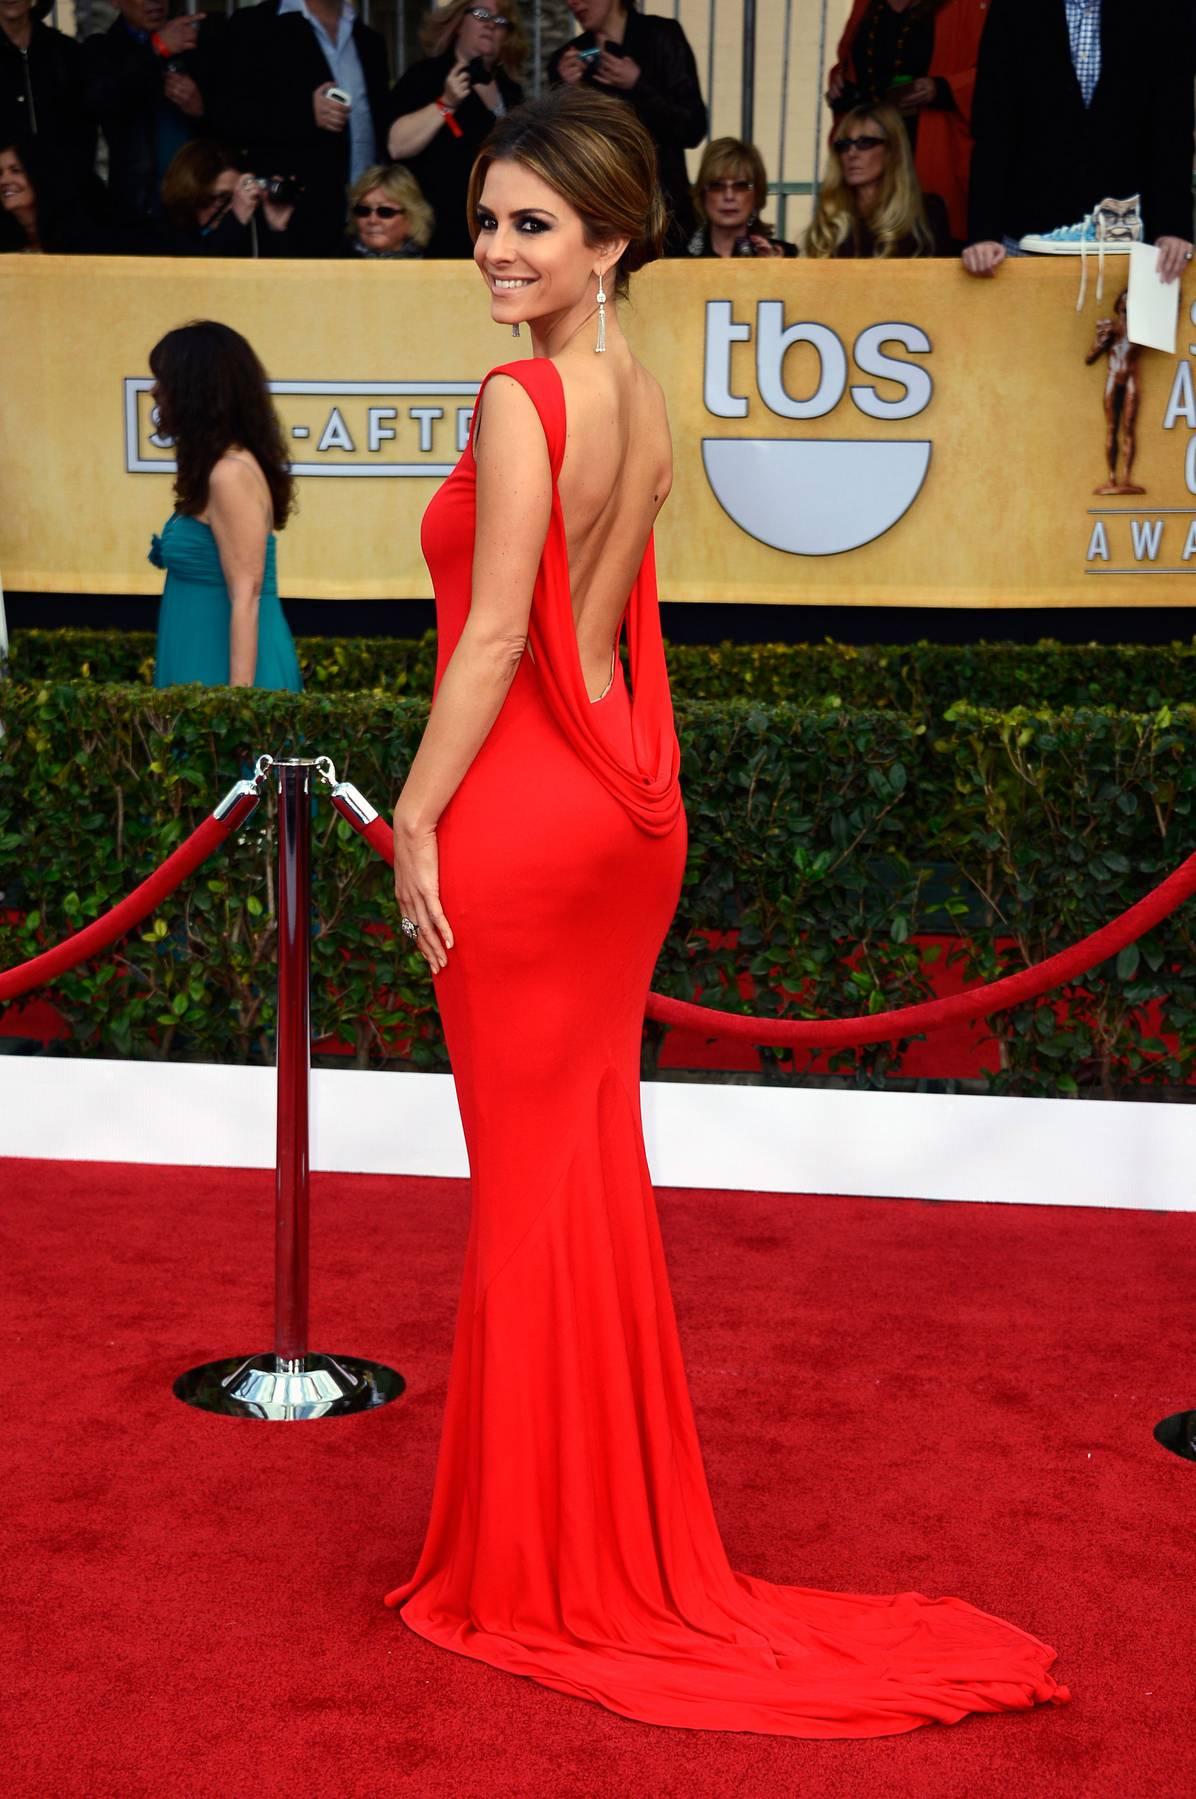 Красное длинное платье с открытой спиной на красной дорожке